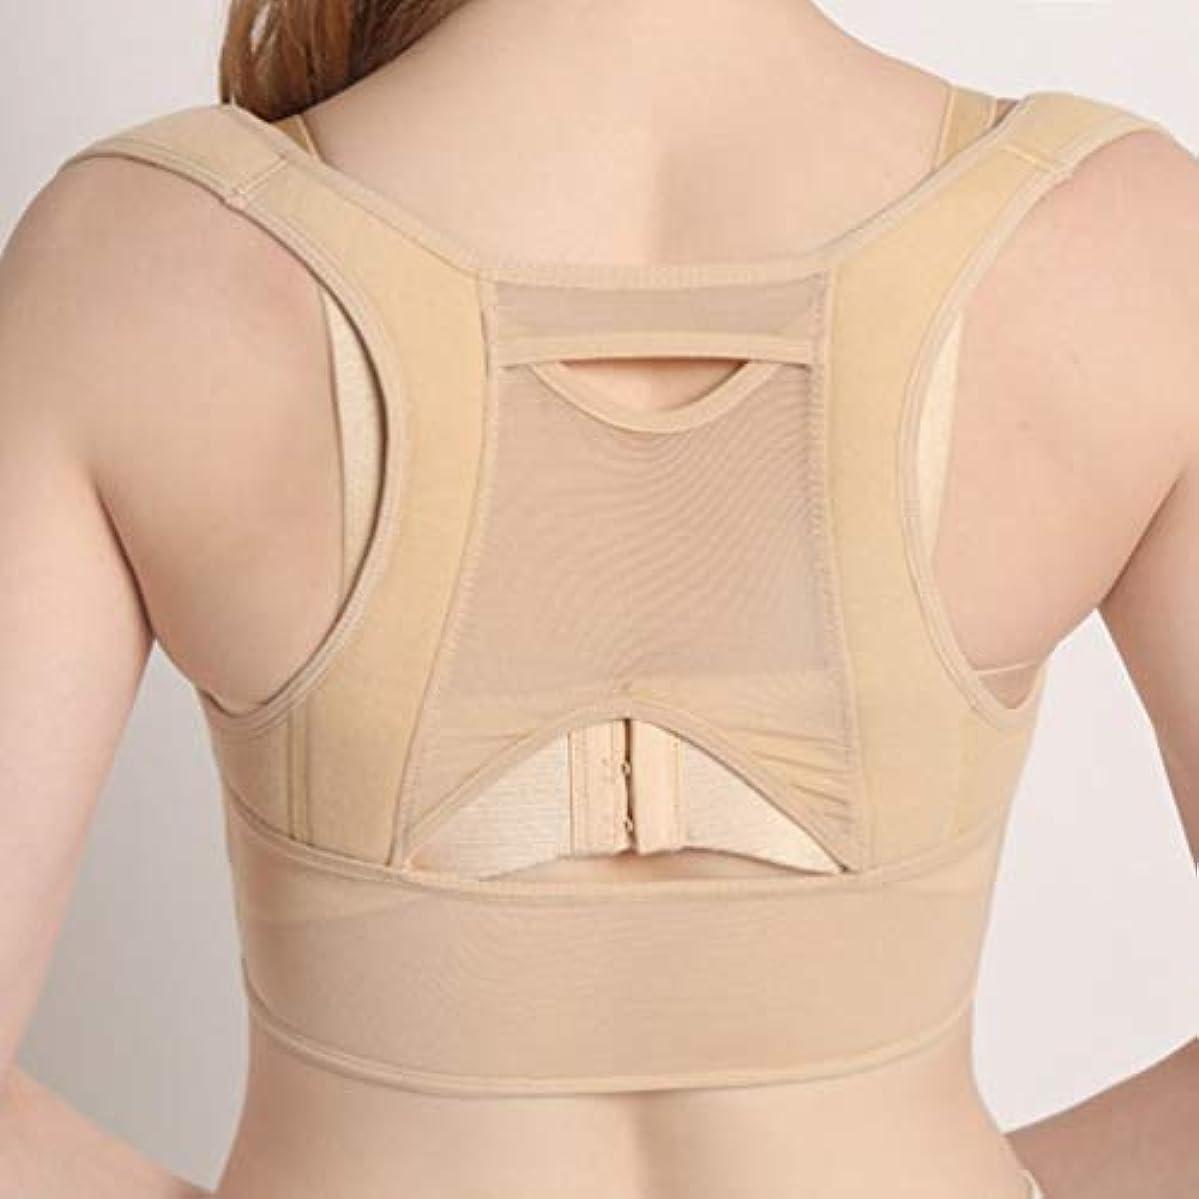 ウェイトレスバックアップ過半数通気性のある女性の背中の姿勢矯正コルセット整形外科の肩の背骨の姿勢矯正腰椎サポート - ベージュホワイトM